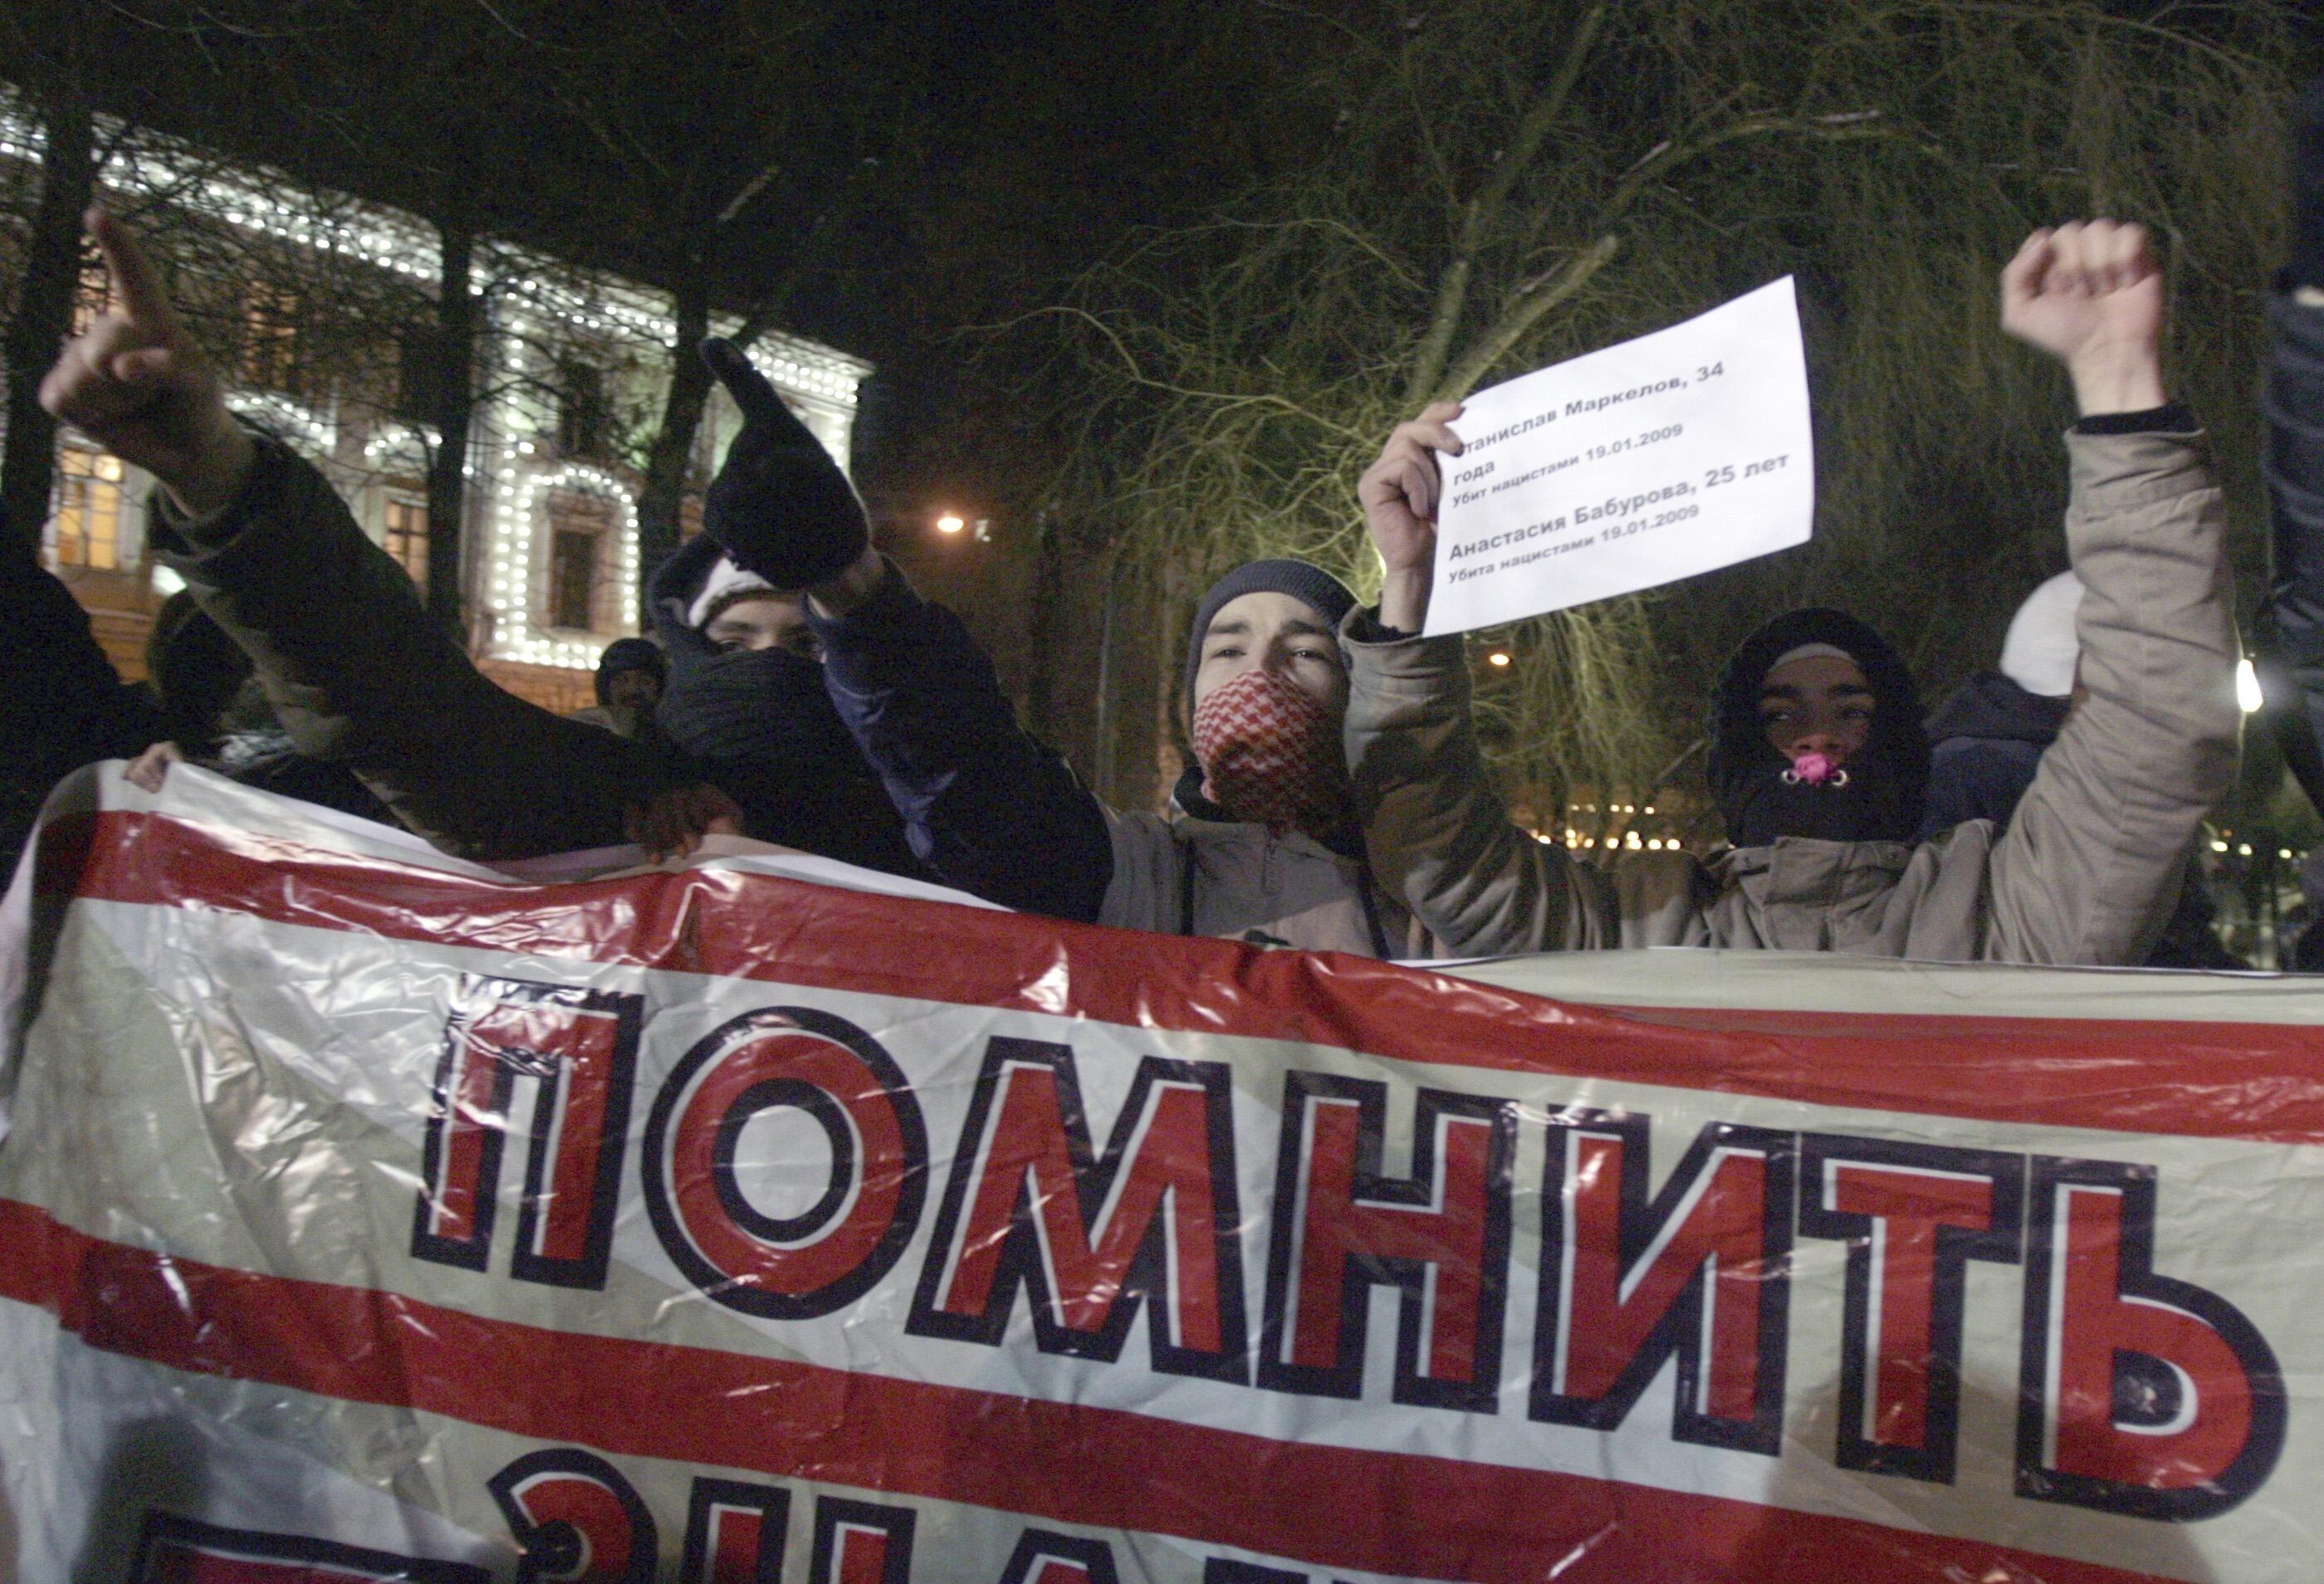 Πολλές συγκεντρώσεις διαμαρτυρίας γίνονται στη Ρωσία για τις επιθέσεις που δέχονται δημοσιογράφοι και πολλές φορές αποβαίνουν μοιραίες. ΦΩΤΟ REUTERS